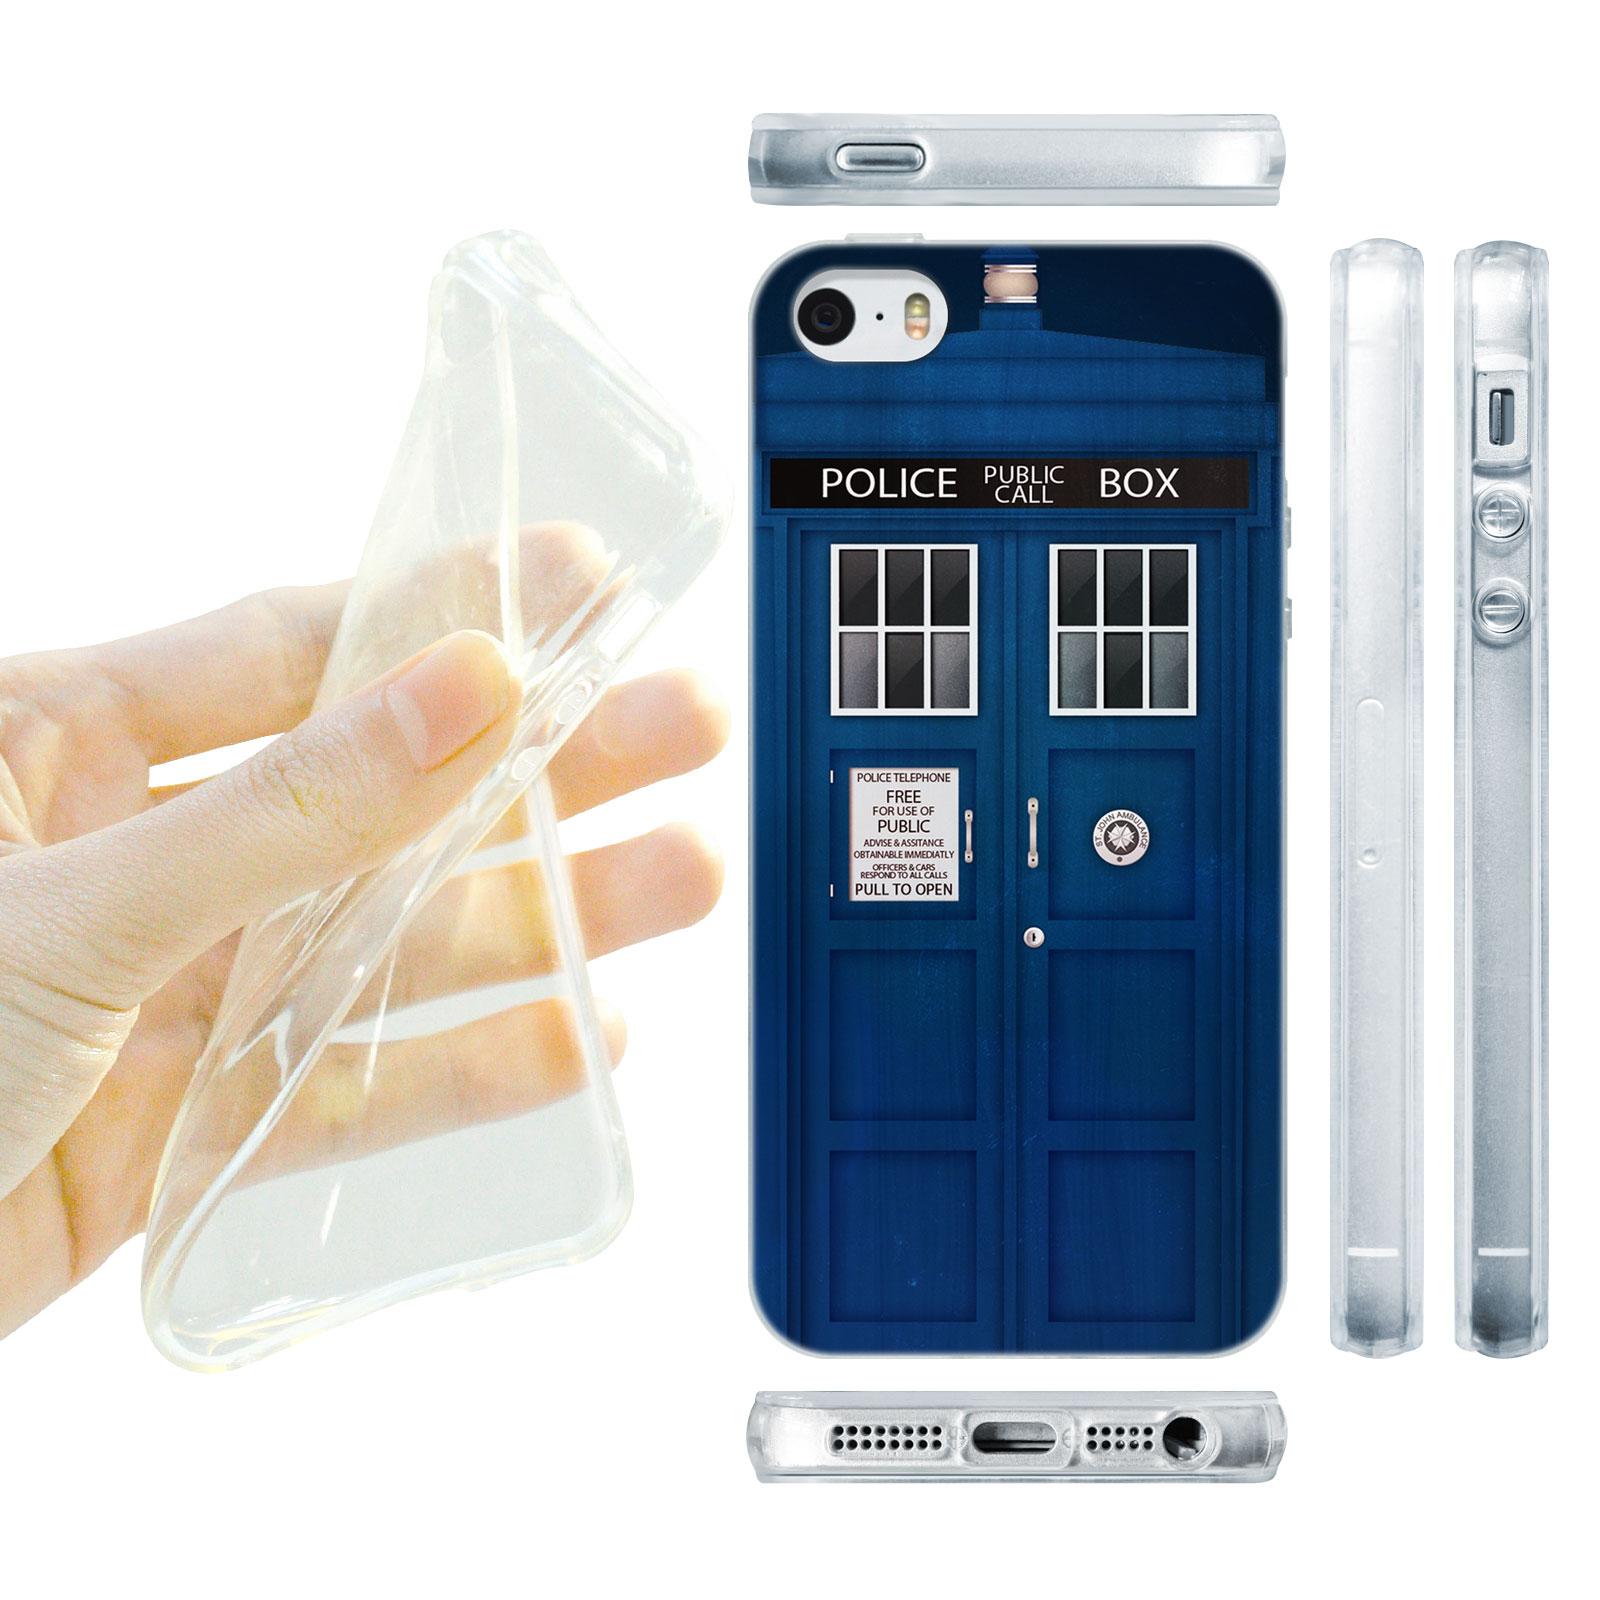 HEAD CASE silikonový obal na mobil Iphone 5/5S telefonní budka modrá barva